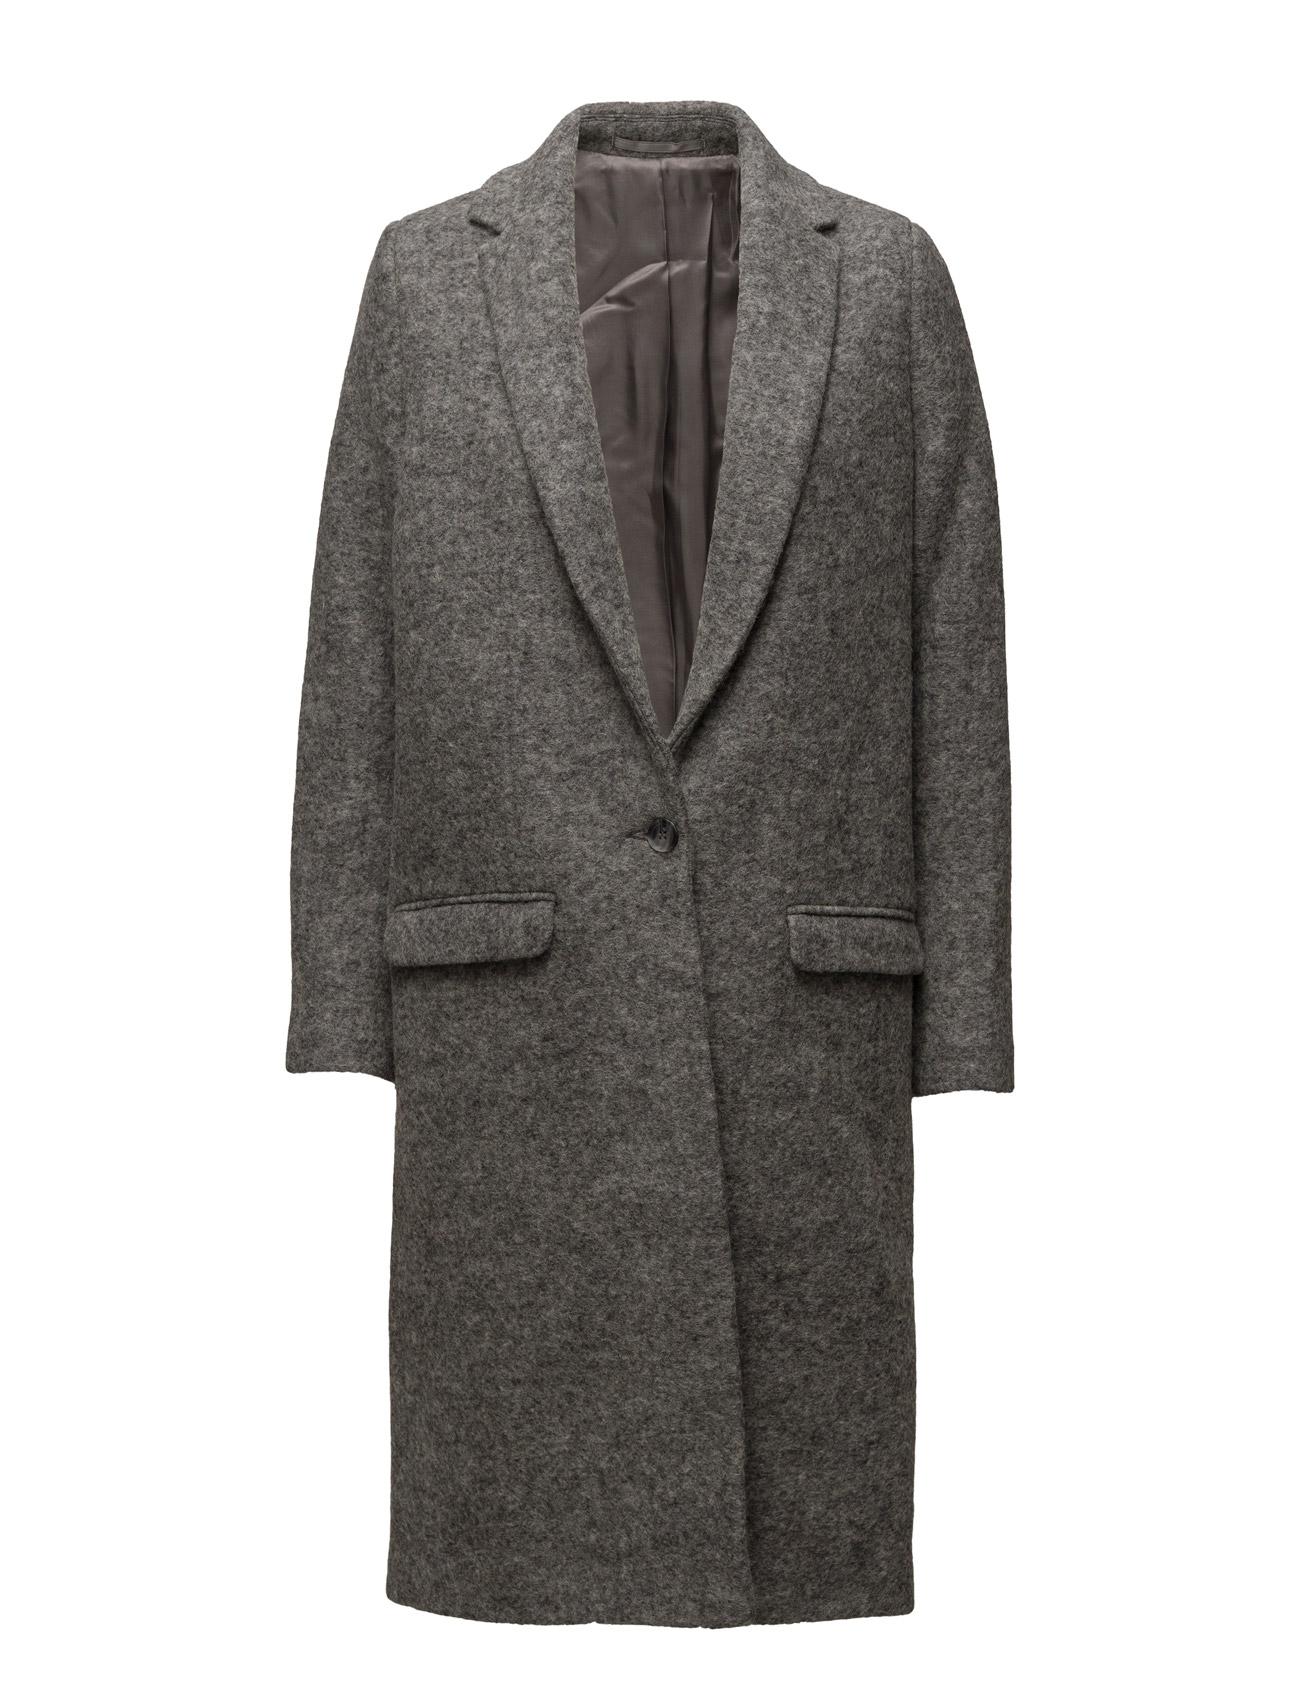 Cava Jacket 7421 Samsøe & Samsøe Frakker til Kvinder i Grey Mel.